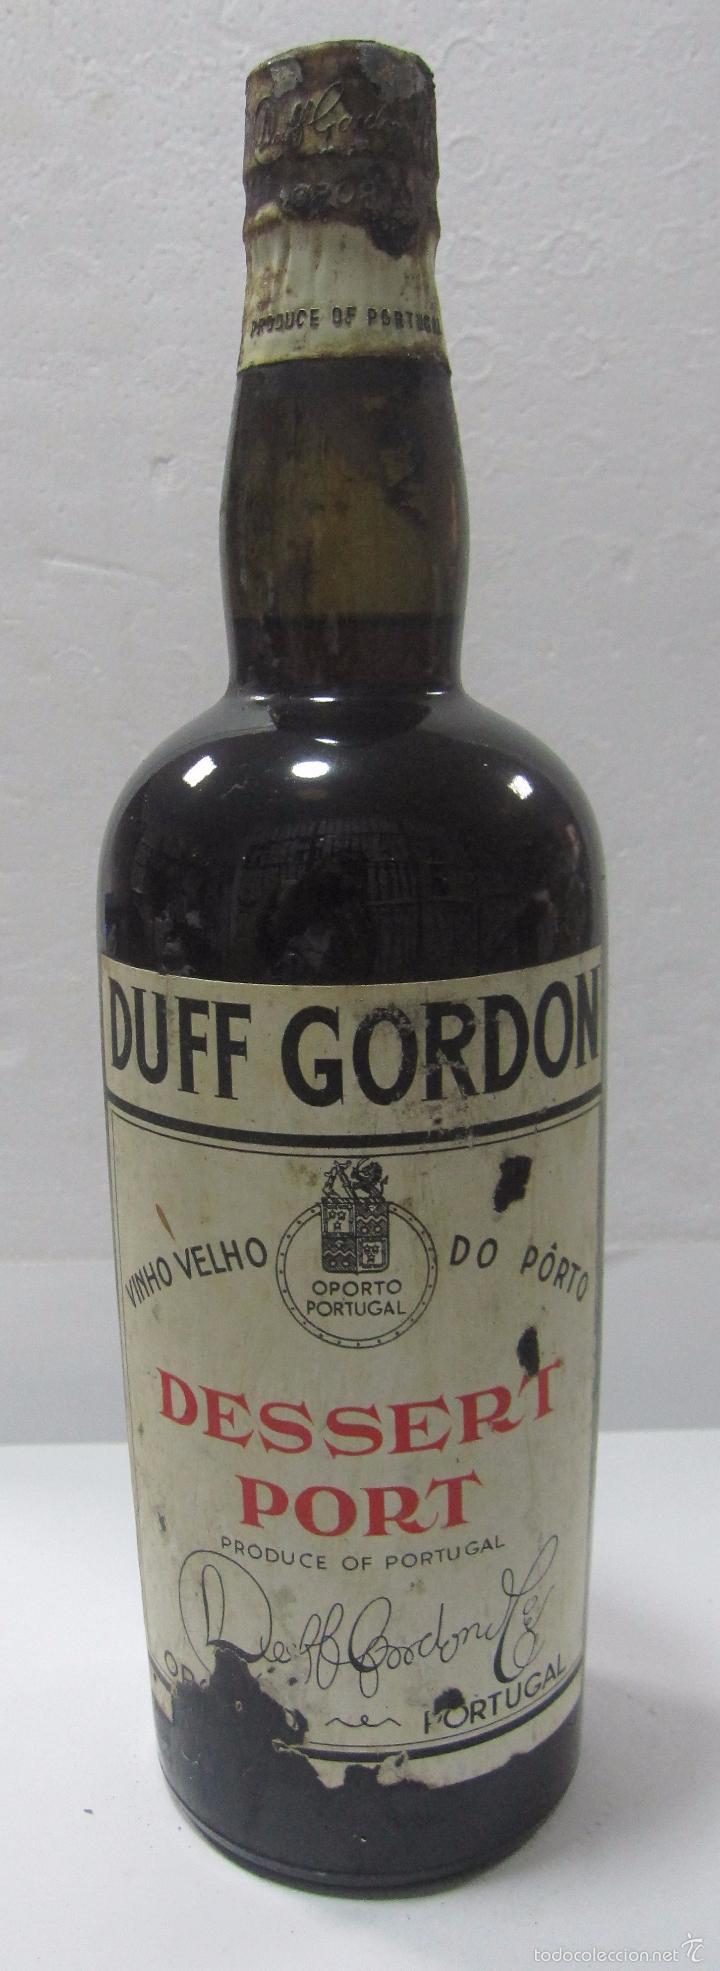 BOTELLA DE VINO DESSERT PORT. DUFF GORDON. PORTUGAL. (Coleccionismo - Botellas y Bebidas - Vinos, Licores y Aguardientes)